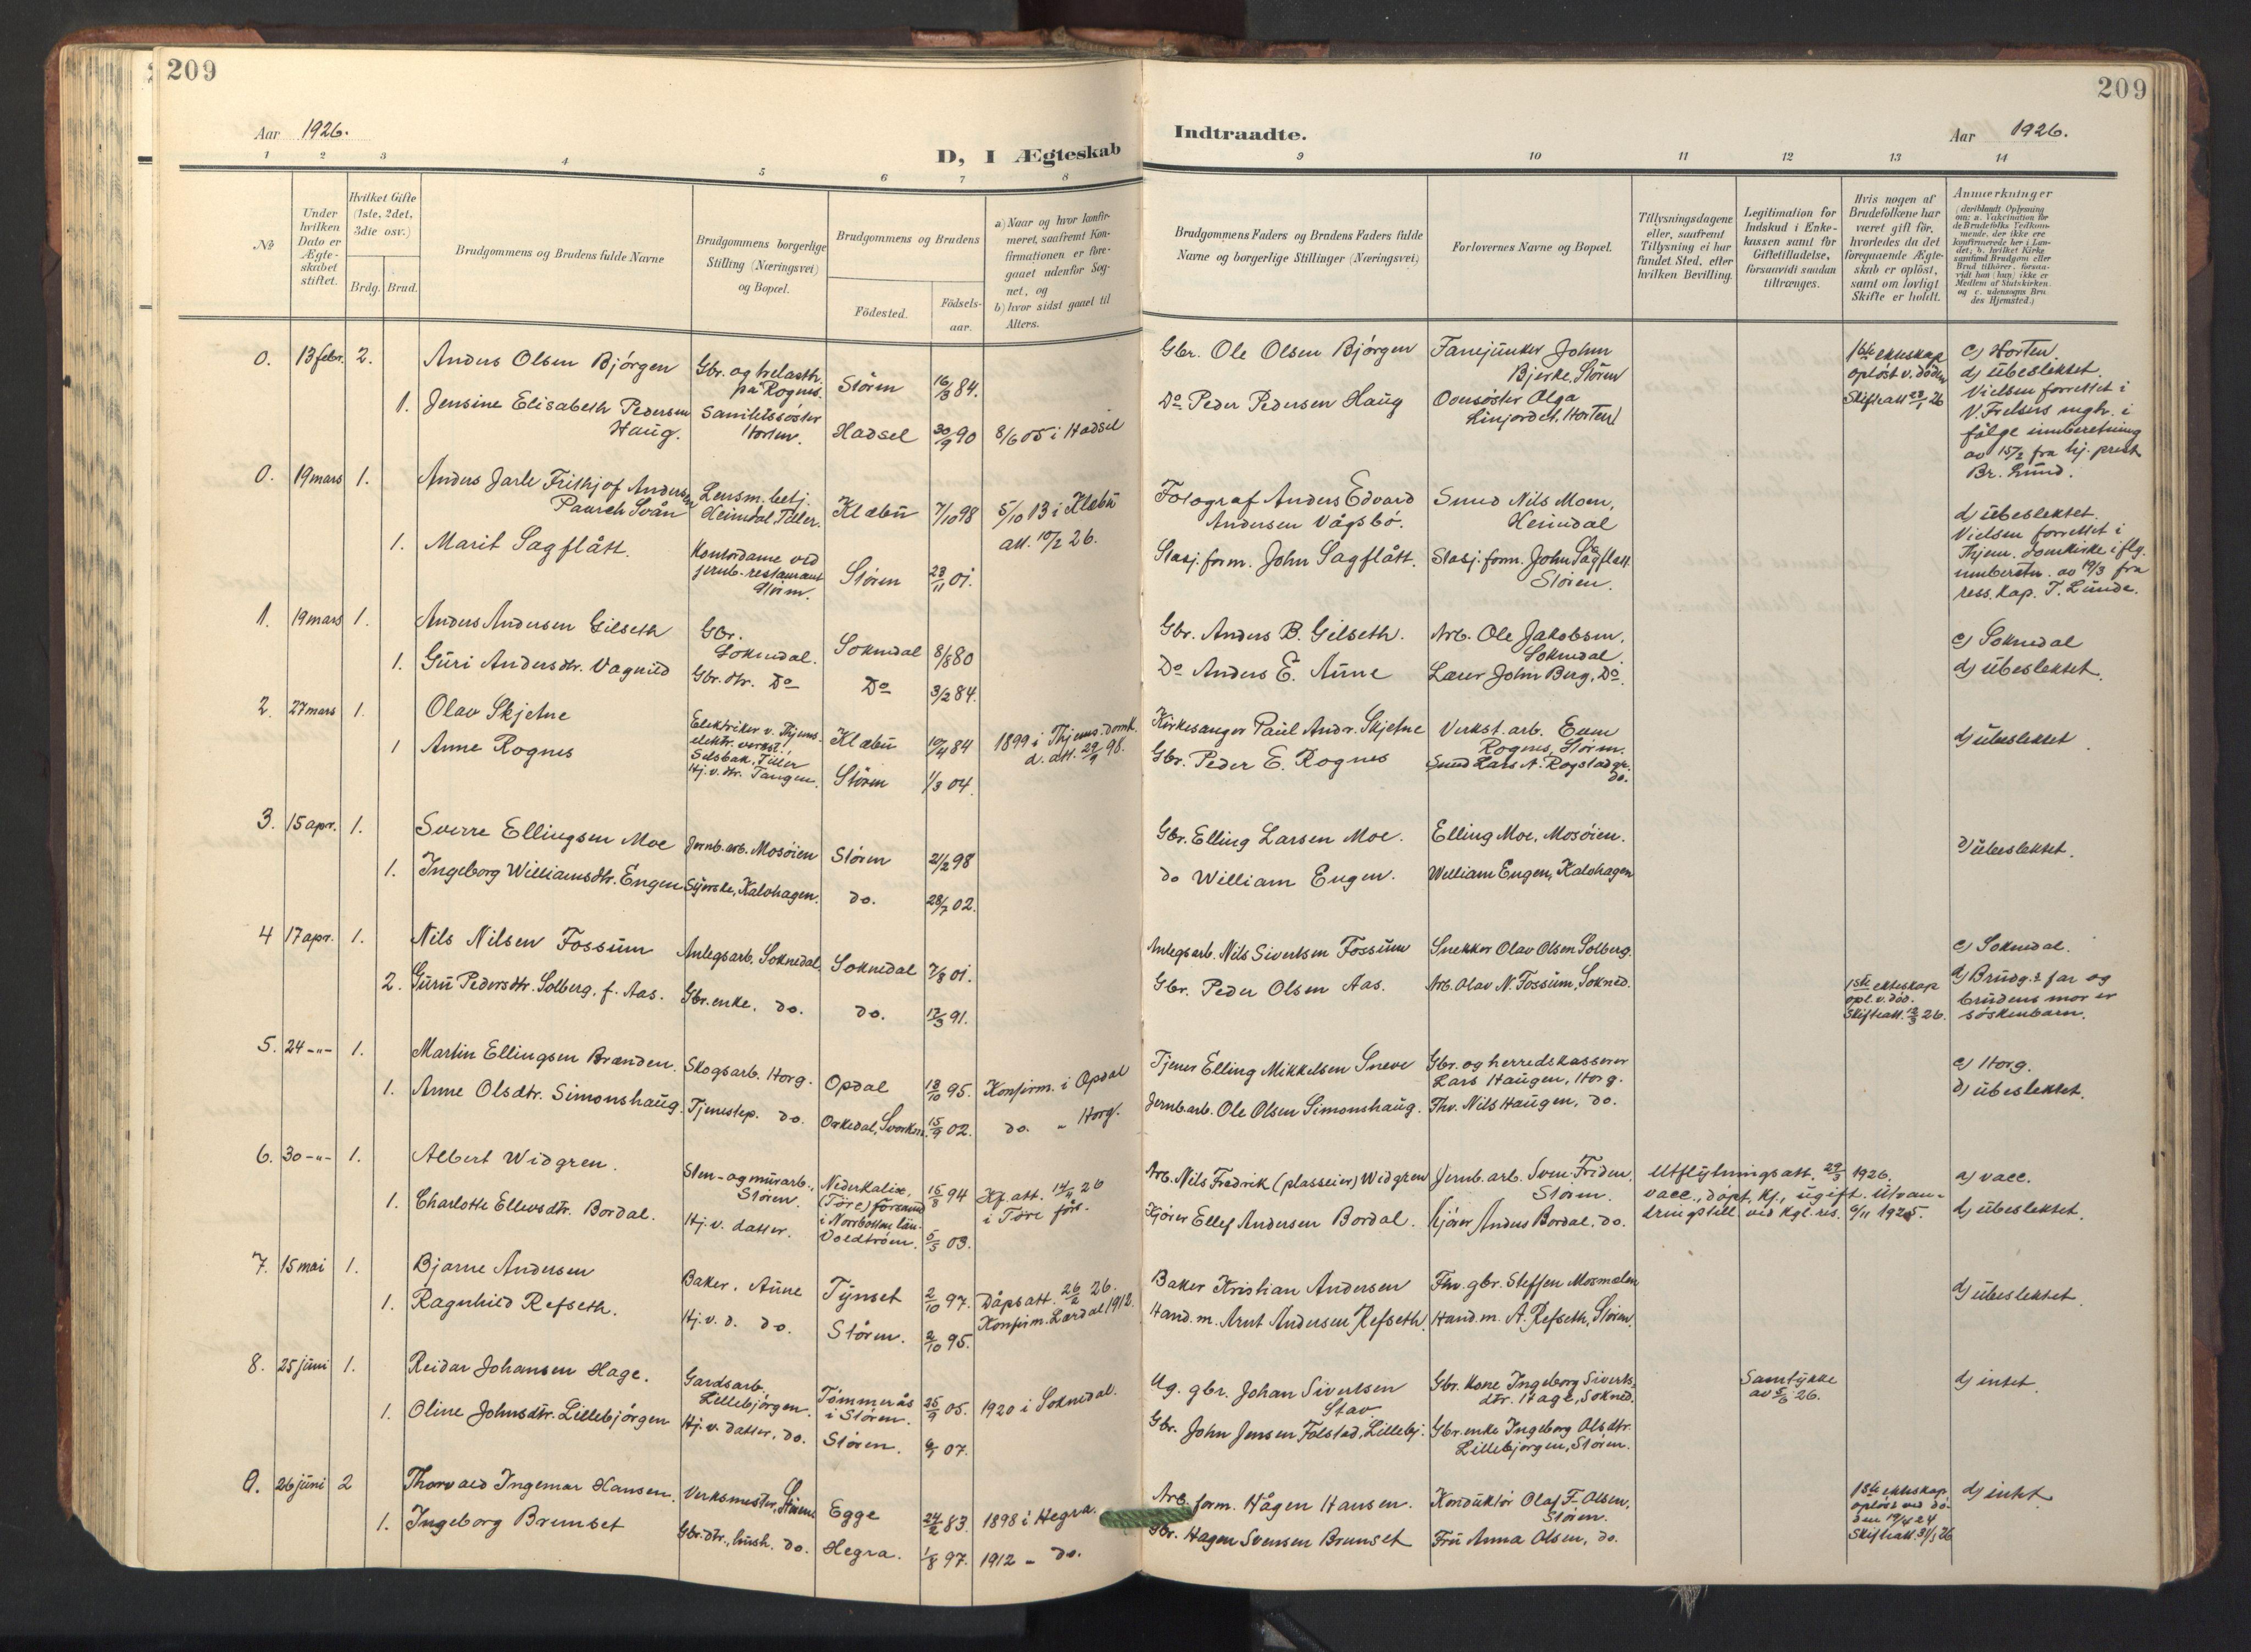 SAT, Ministerialprotokoller, klokkerbøker og fødselsregistre - Sør-Trøndelag, 687/L1019: Klokkerbok nr. 687C03, 1904-1931, s. 209